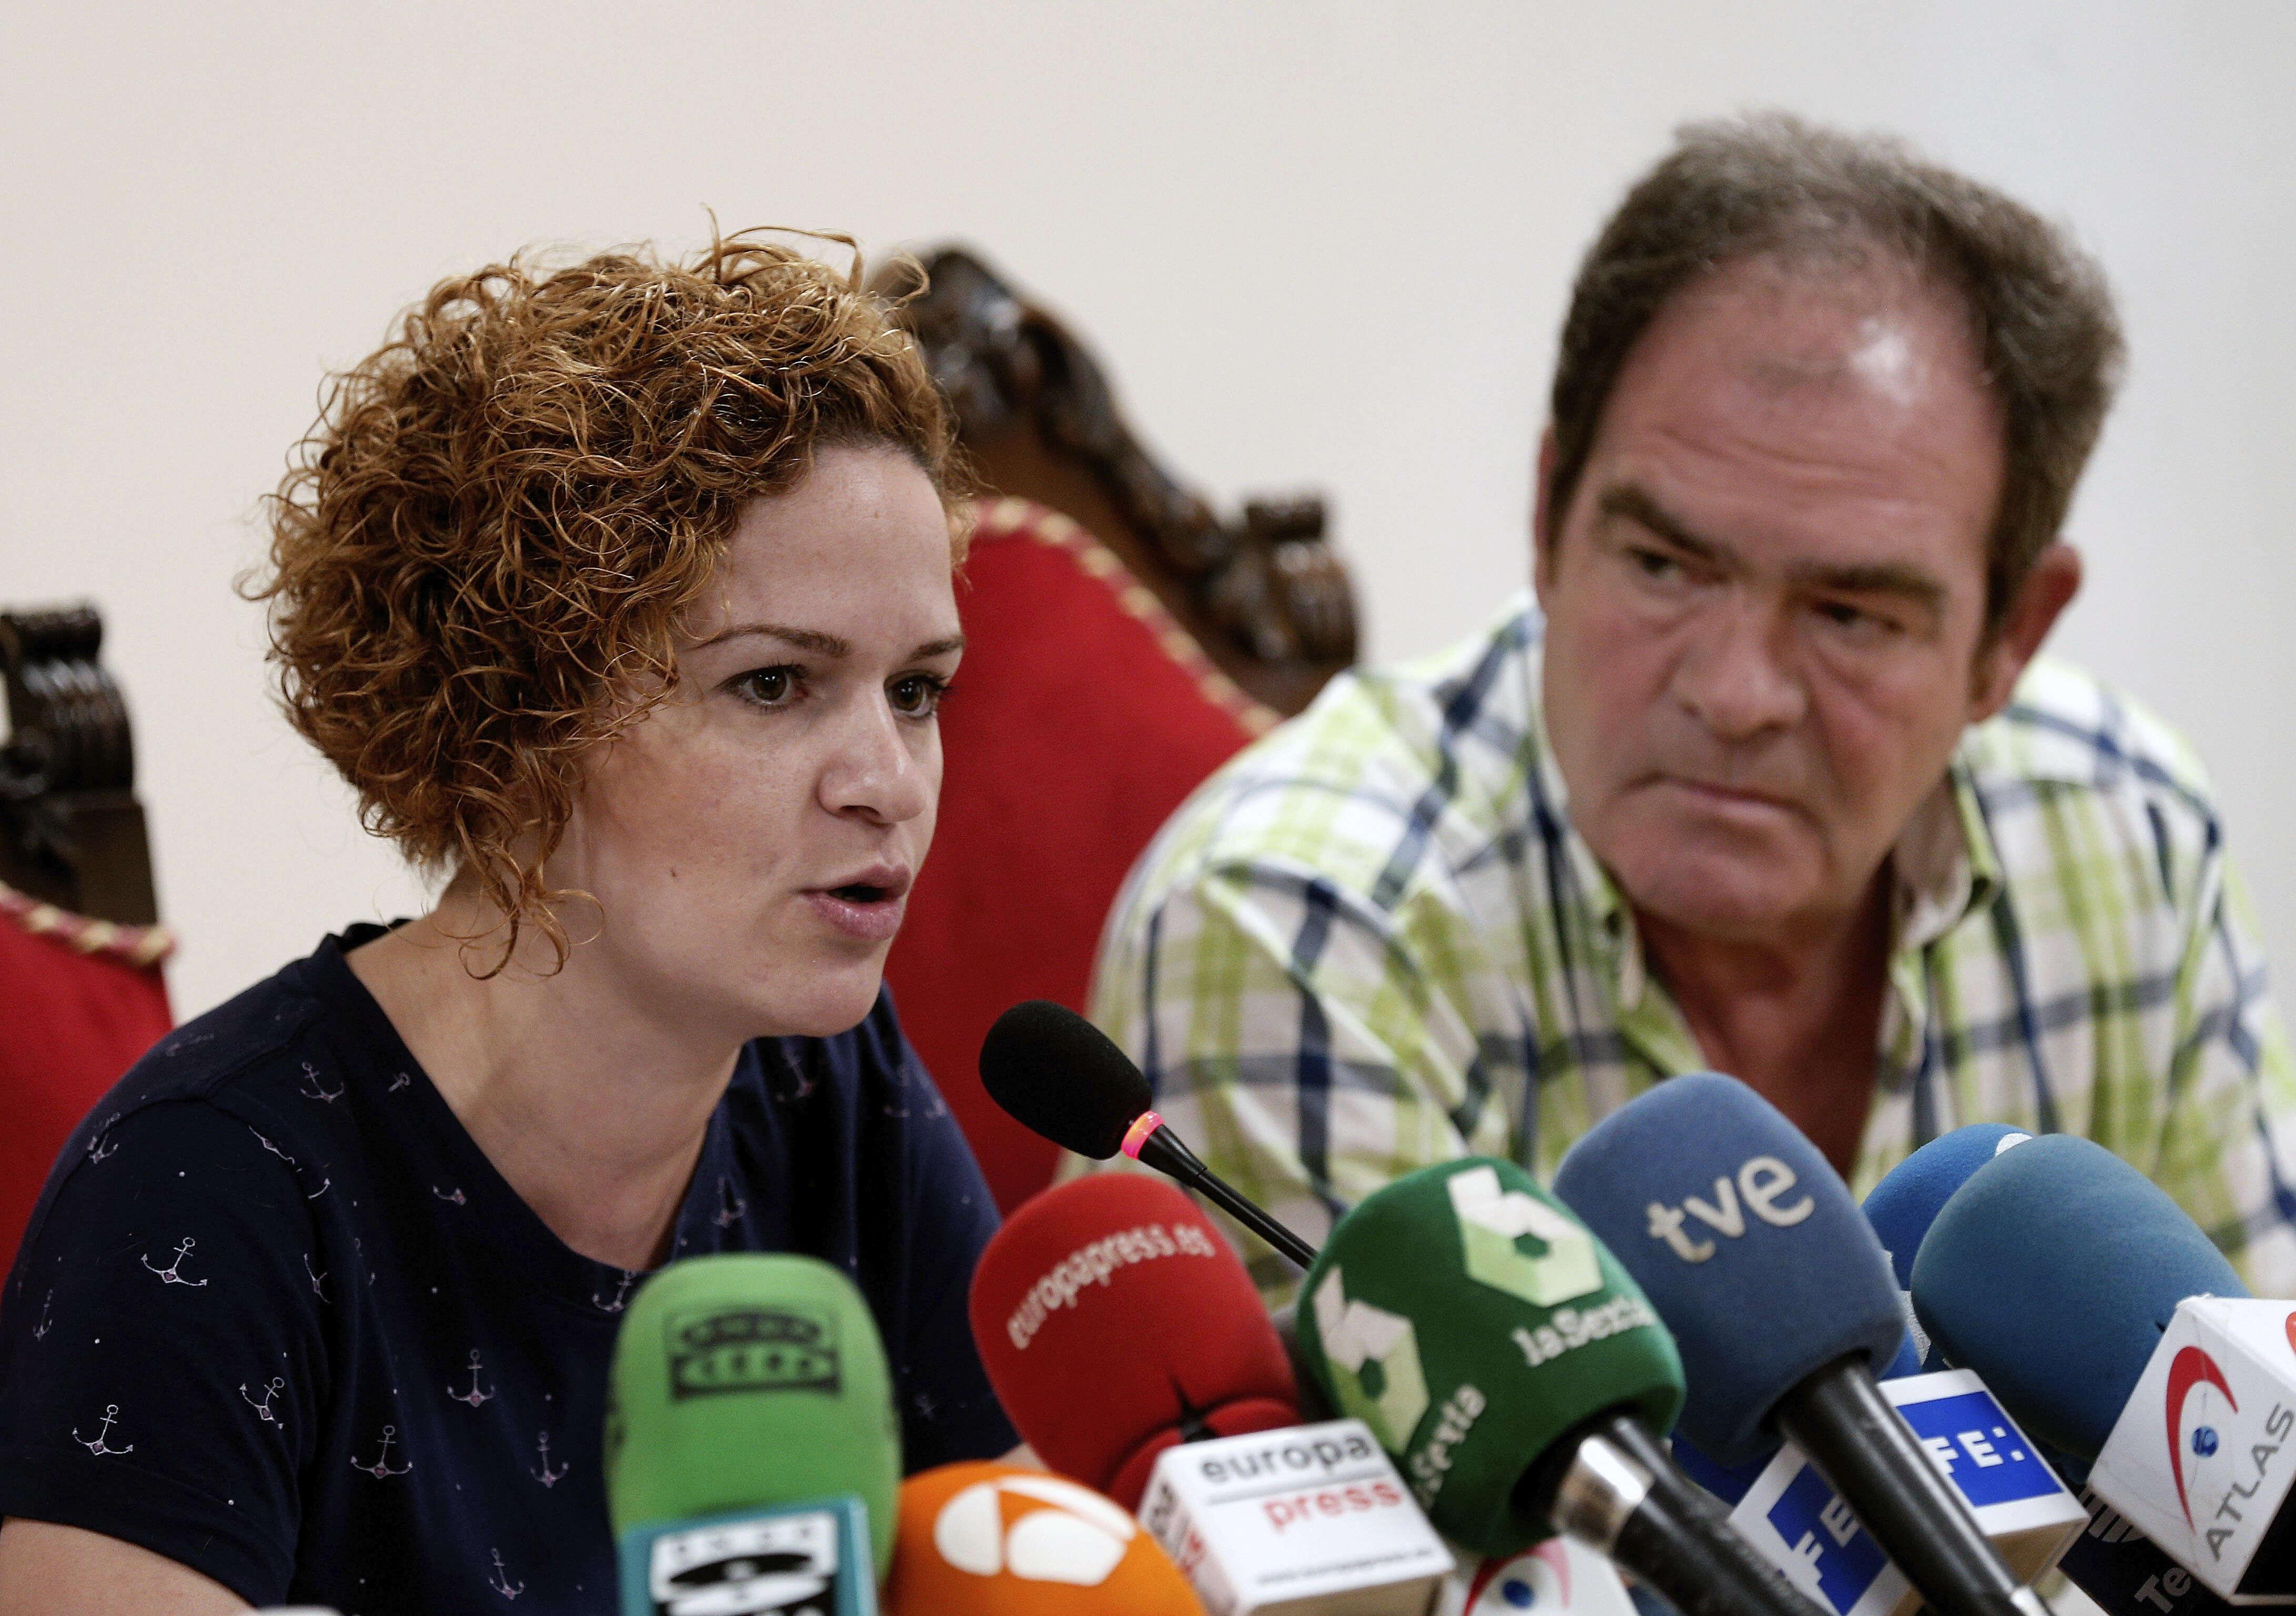 Familia de la española Pilar Garrido, confía en inocencia del marido